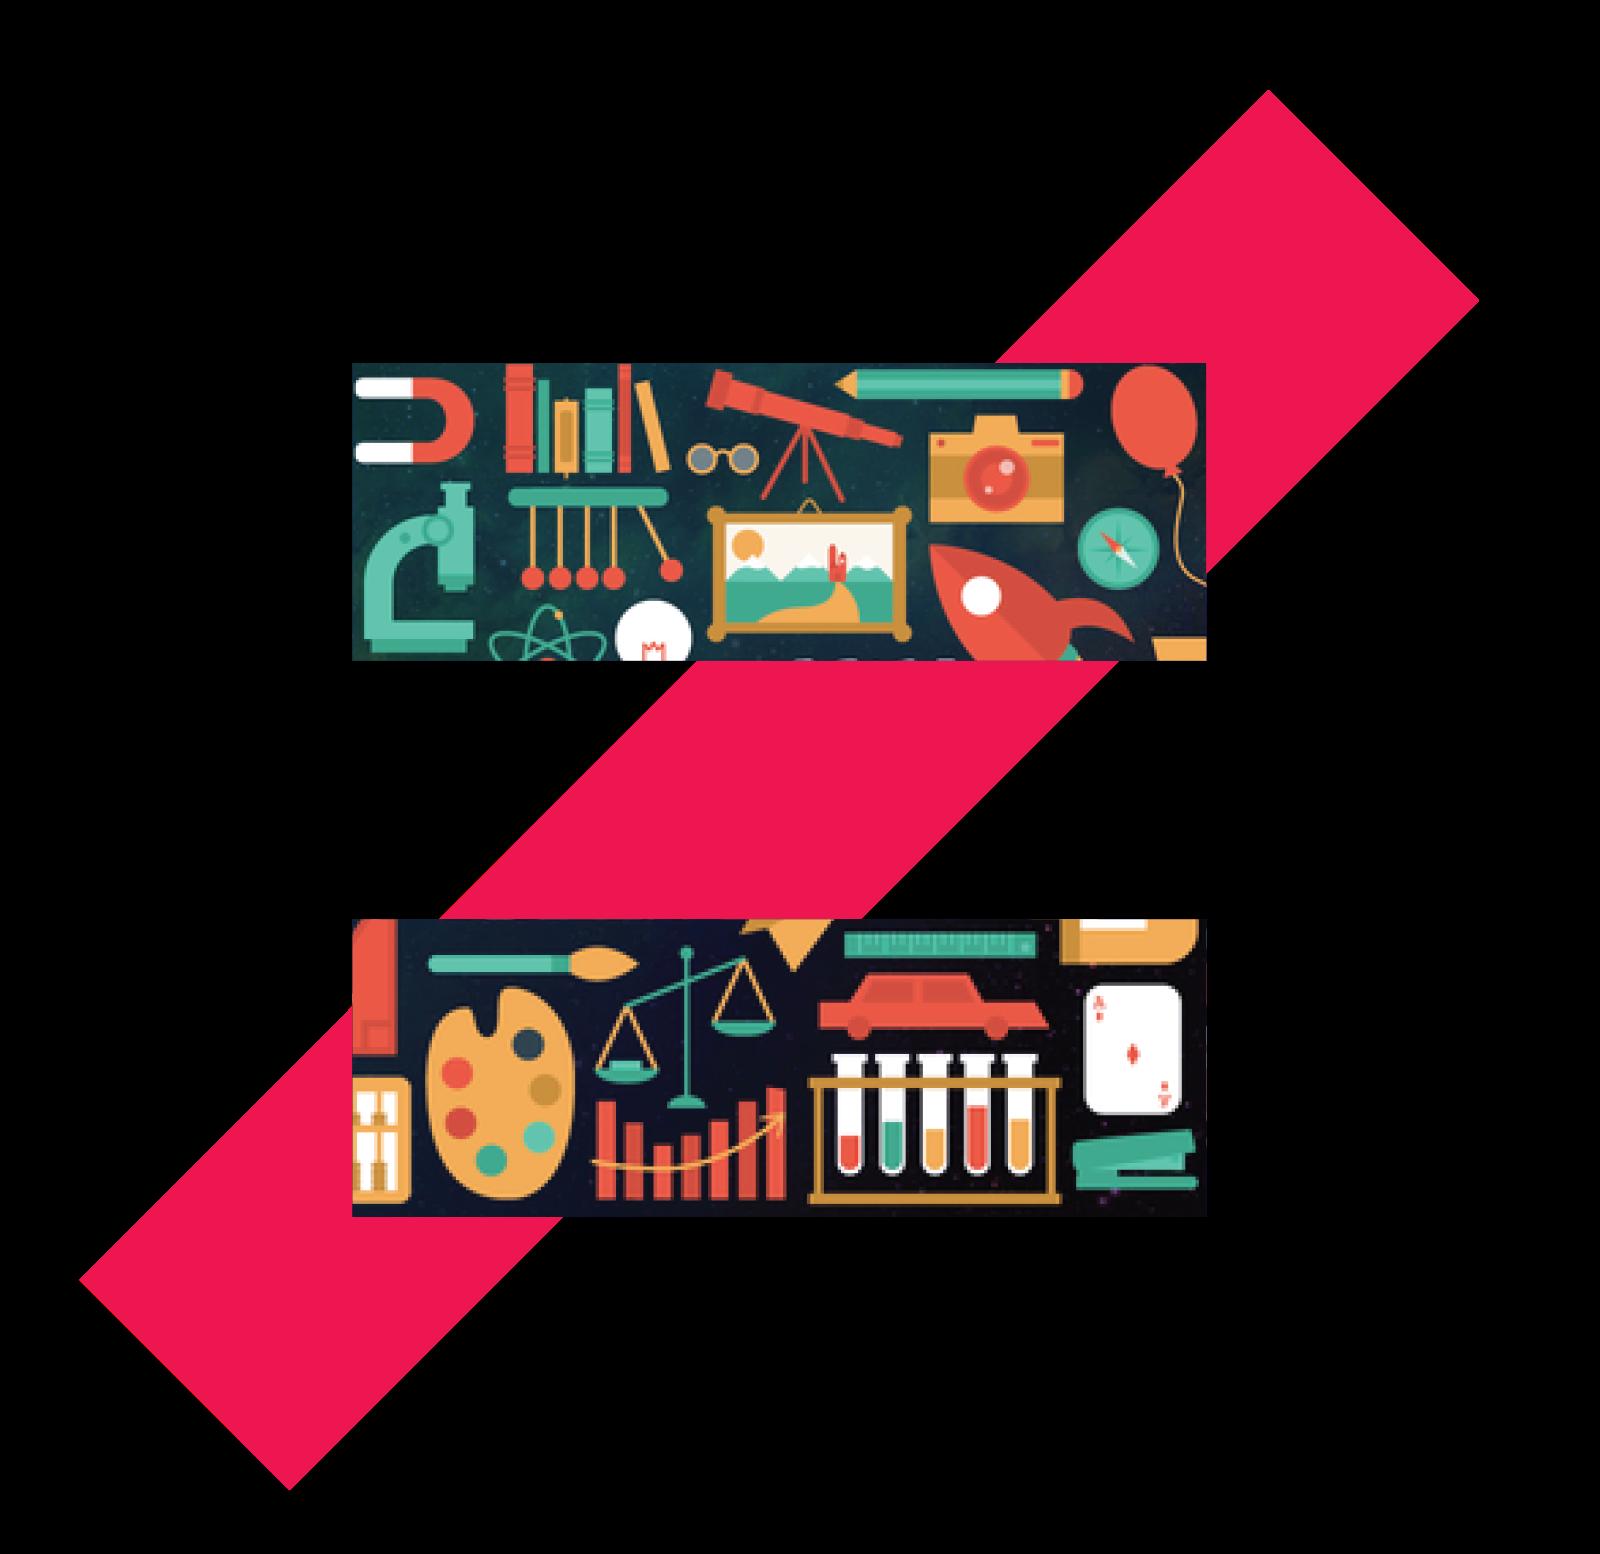 Zoly - A Wroi, uma das principais agências no segmento de performance e parte do Grupo Gouvêa de Souza, em um movimento estratégico, adquiriu a Lúcida, uma das mais reconhecidas e importantes empresas de business intelligence. À Boldhub coube auxiliar na decisão de lançar uma nova marca, bem como a criação de seu novo posicionamento, nome (que passaria a se chamar Zoly) e todas as manifestações visuais.